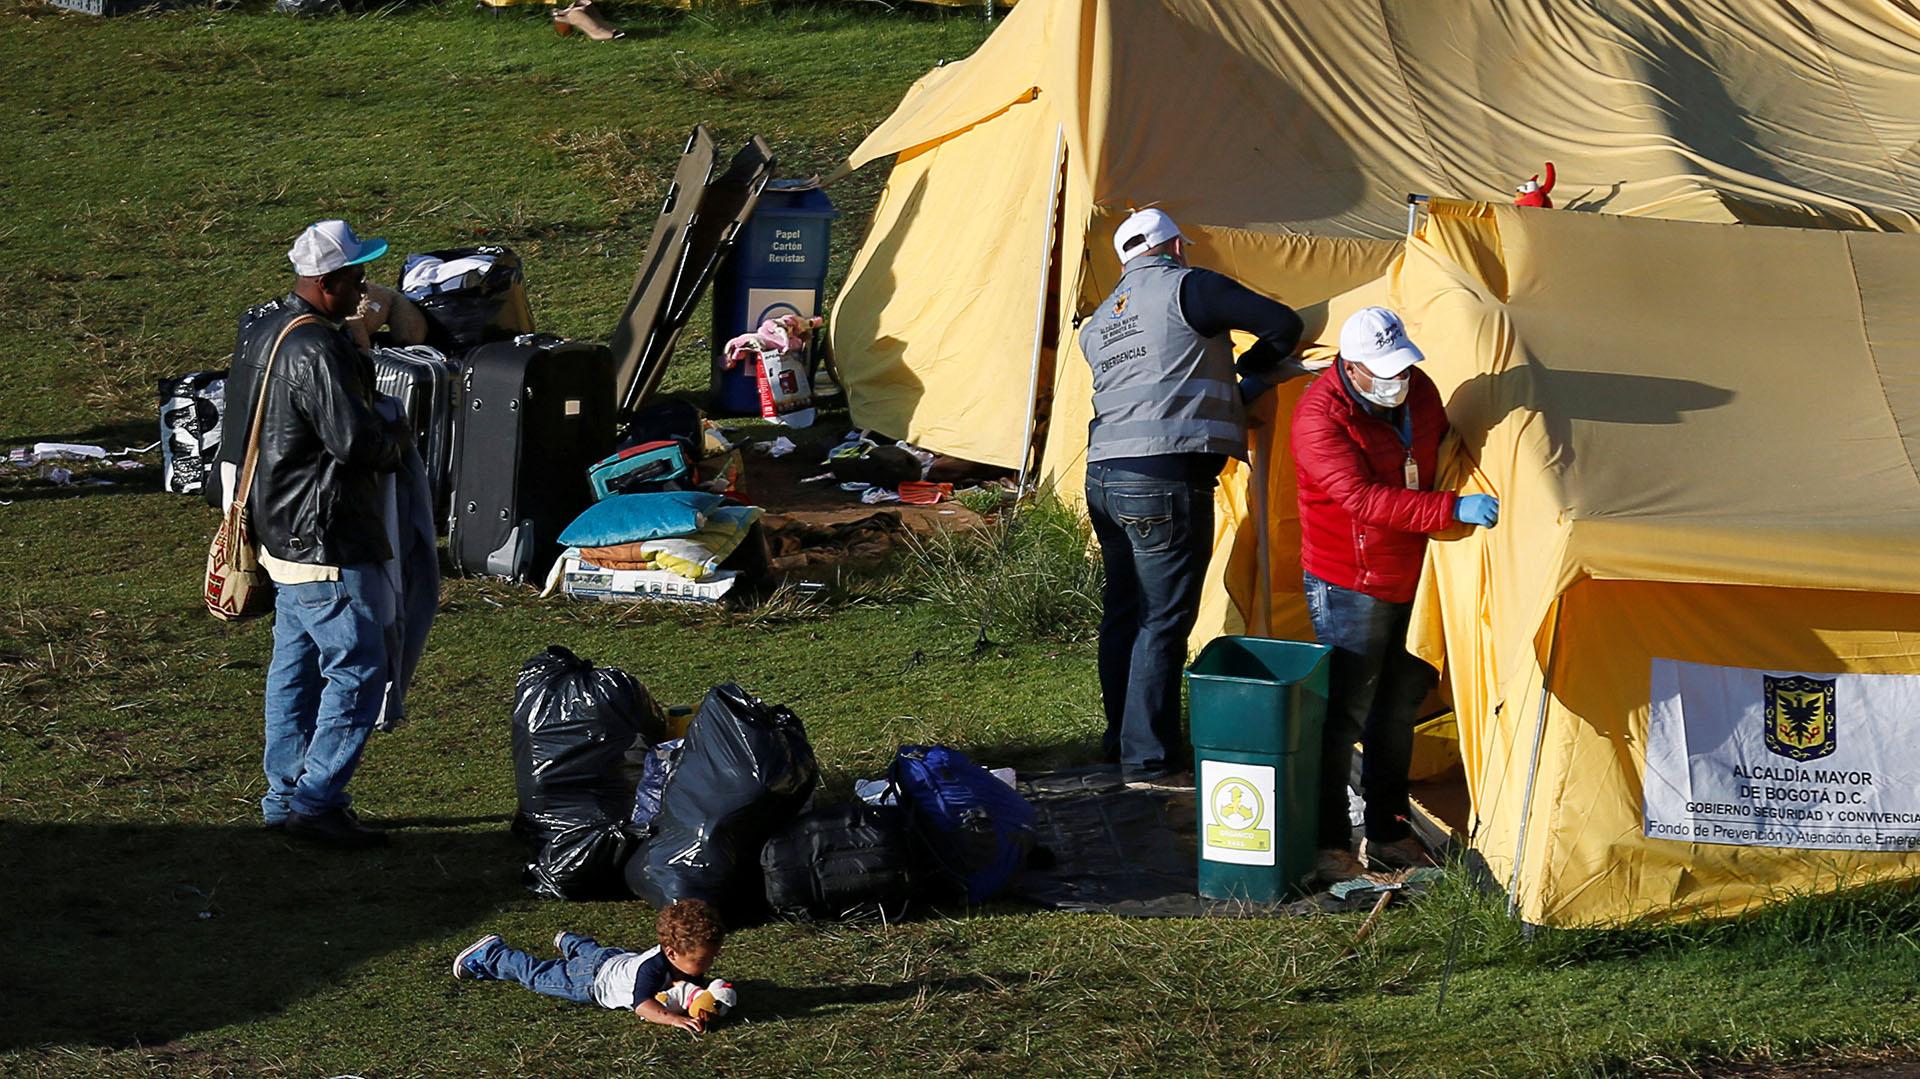 El lunes hubo funcionarios de la embajada venezolana en el campamento humanitario para ver si alguno de los residentes quería regresar a su país (REUTERS/Luisa Gonzalez)